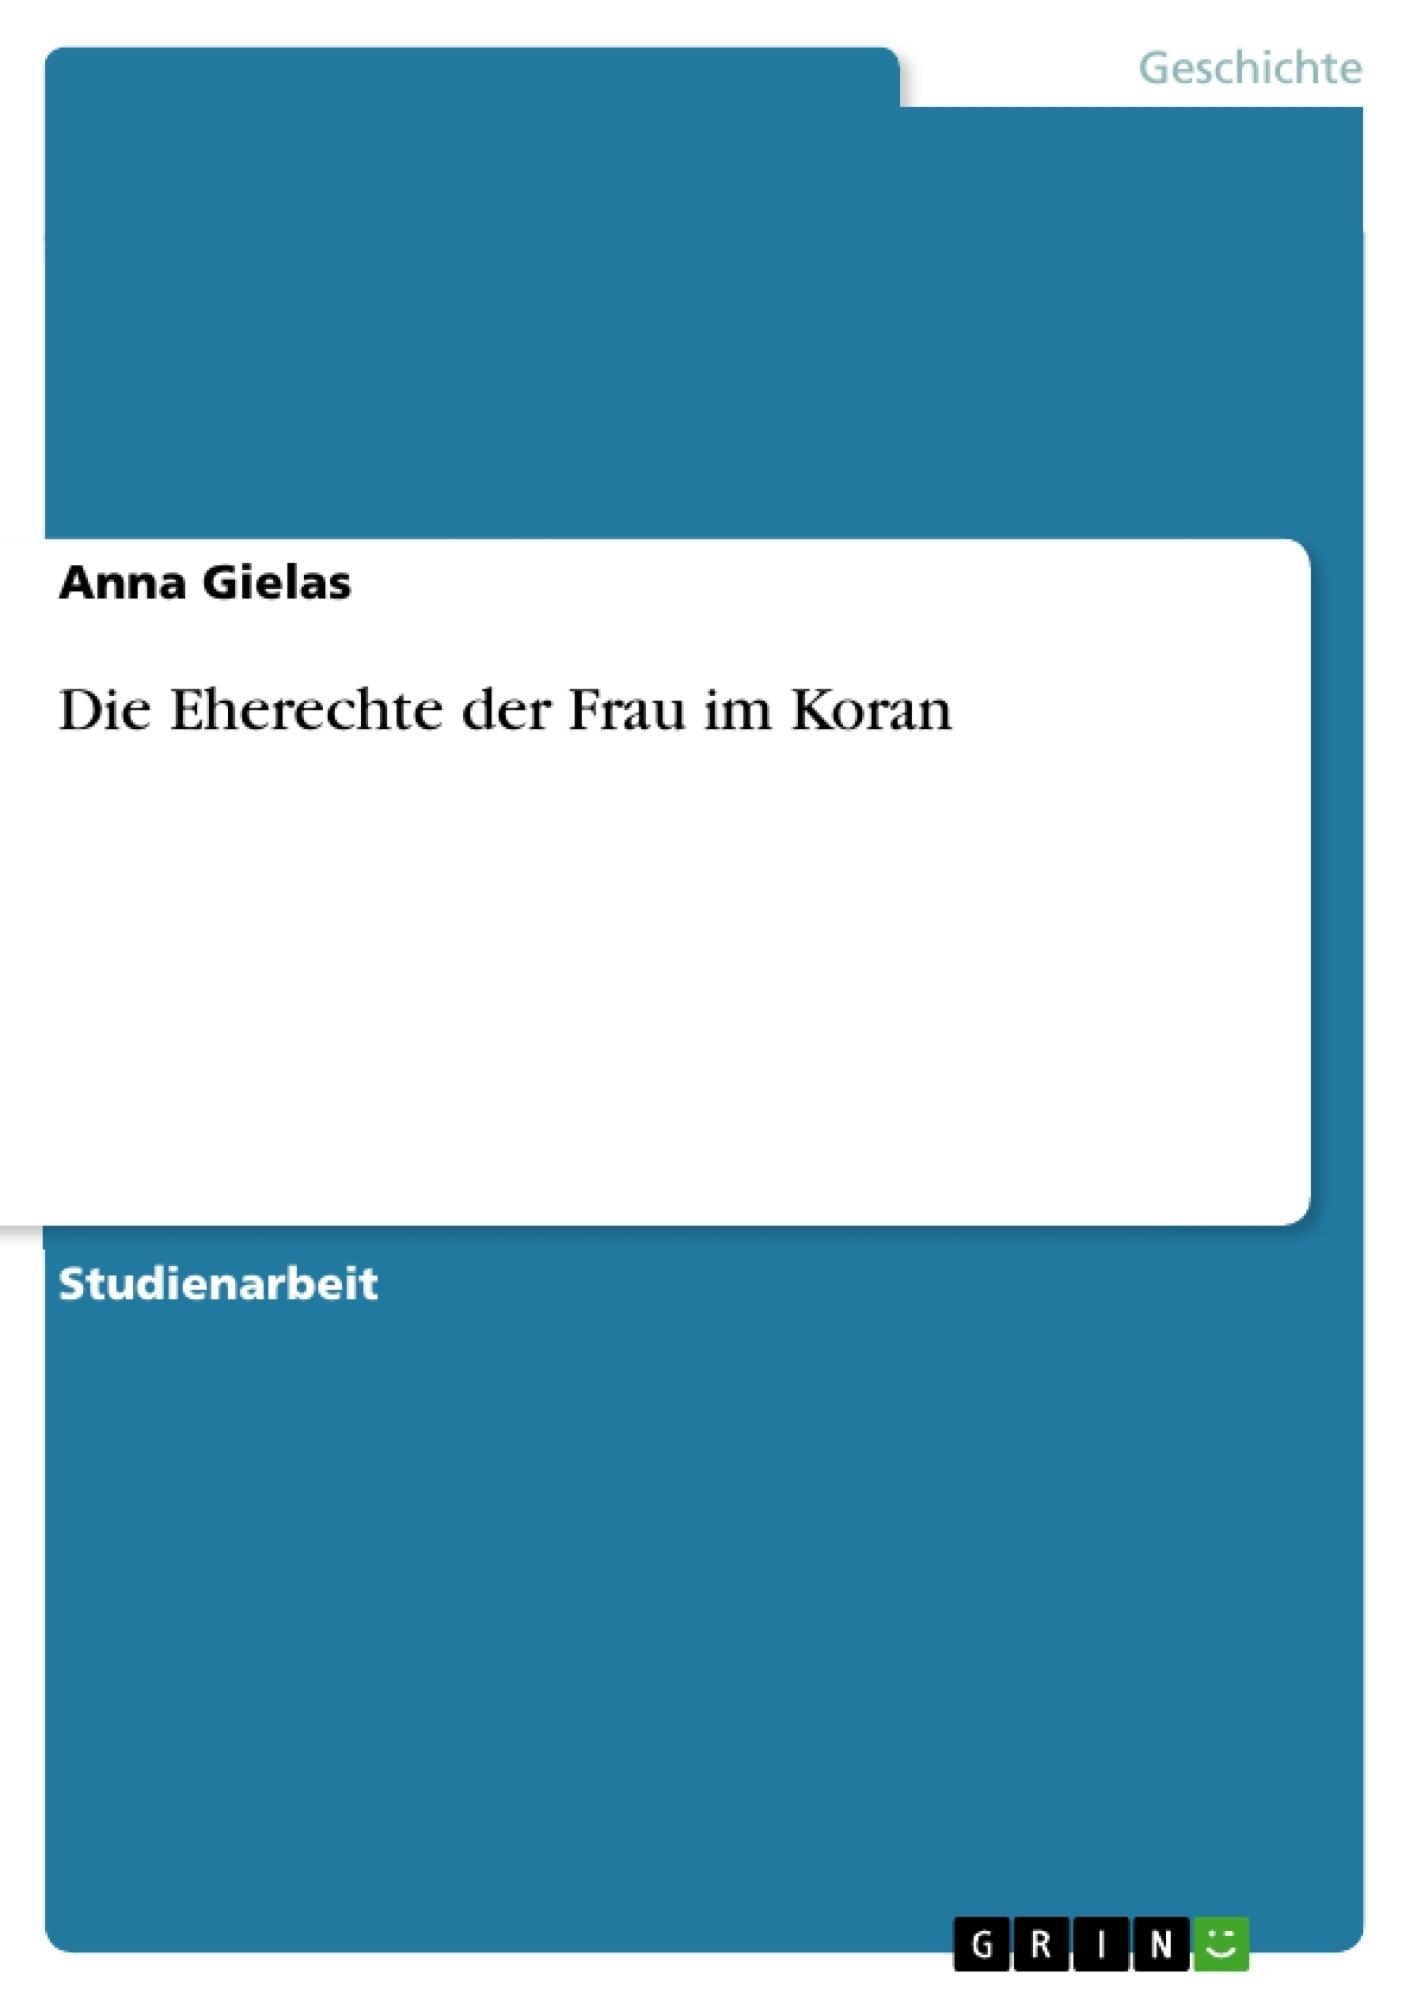 Titel: Die Eherechte der Frau im Koran